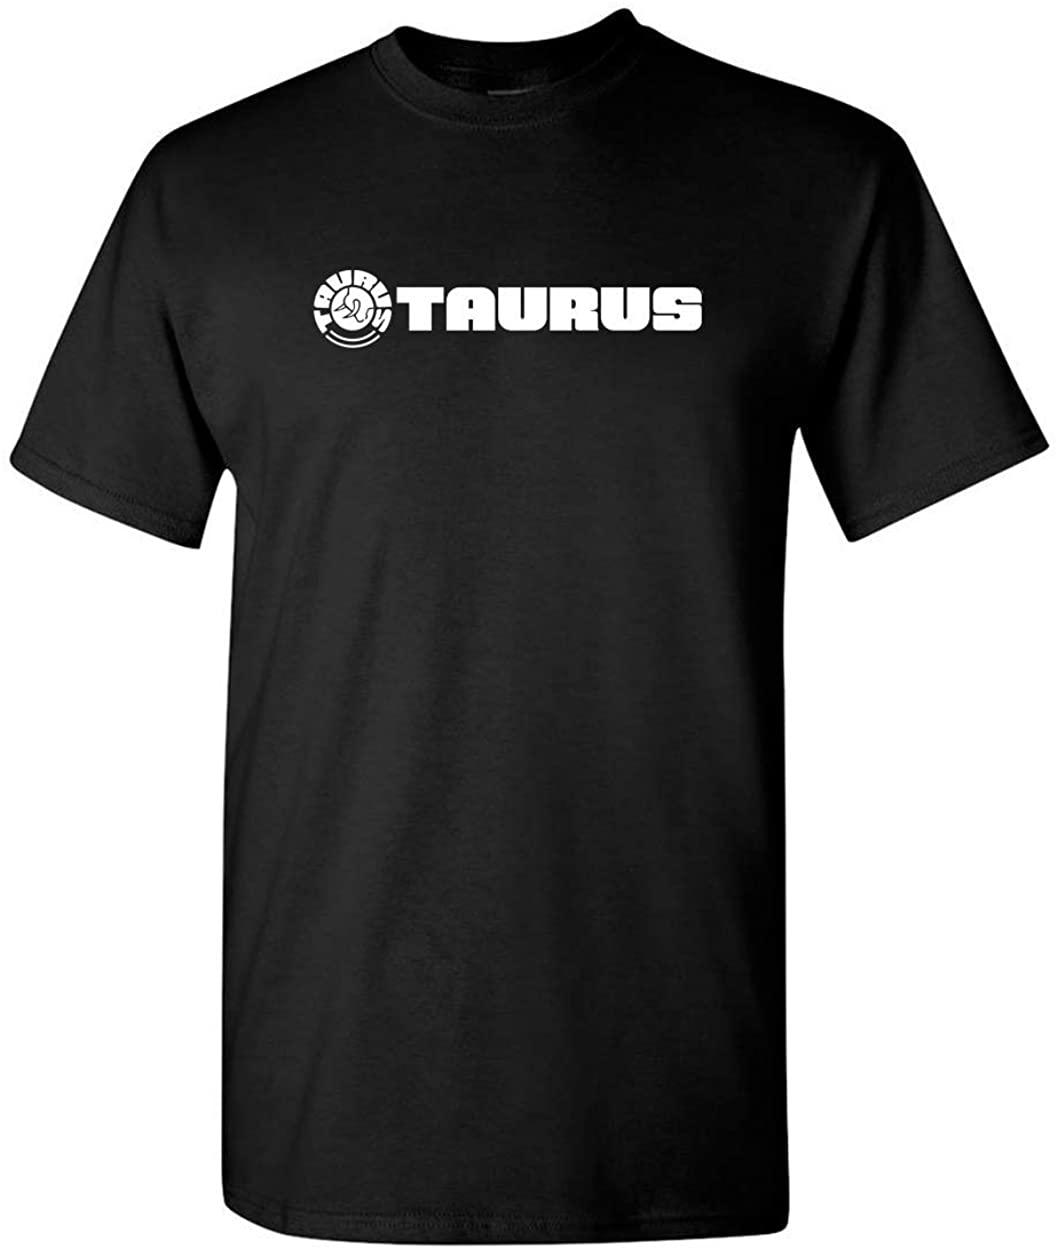 Taurus Firearms t-Shirt Gun t-Shirt Millennium G2 (XL, Red)